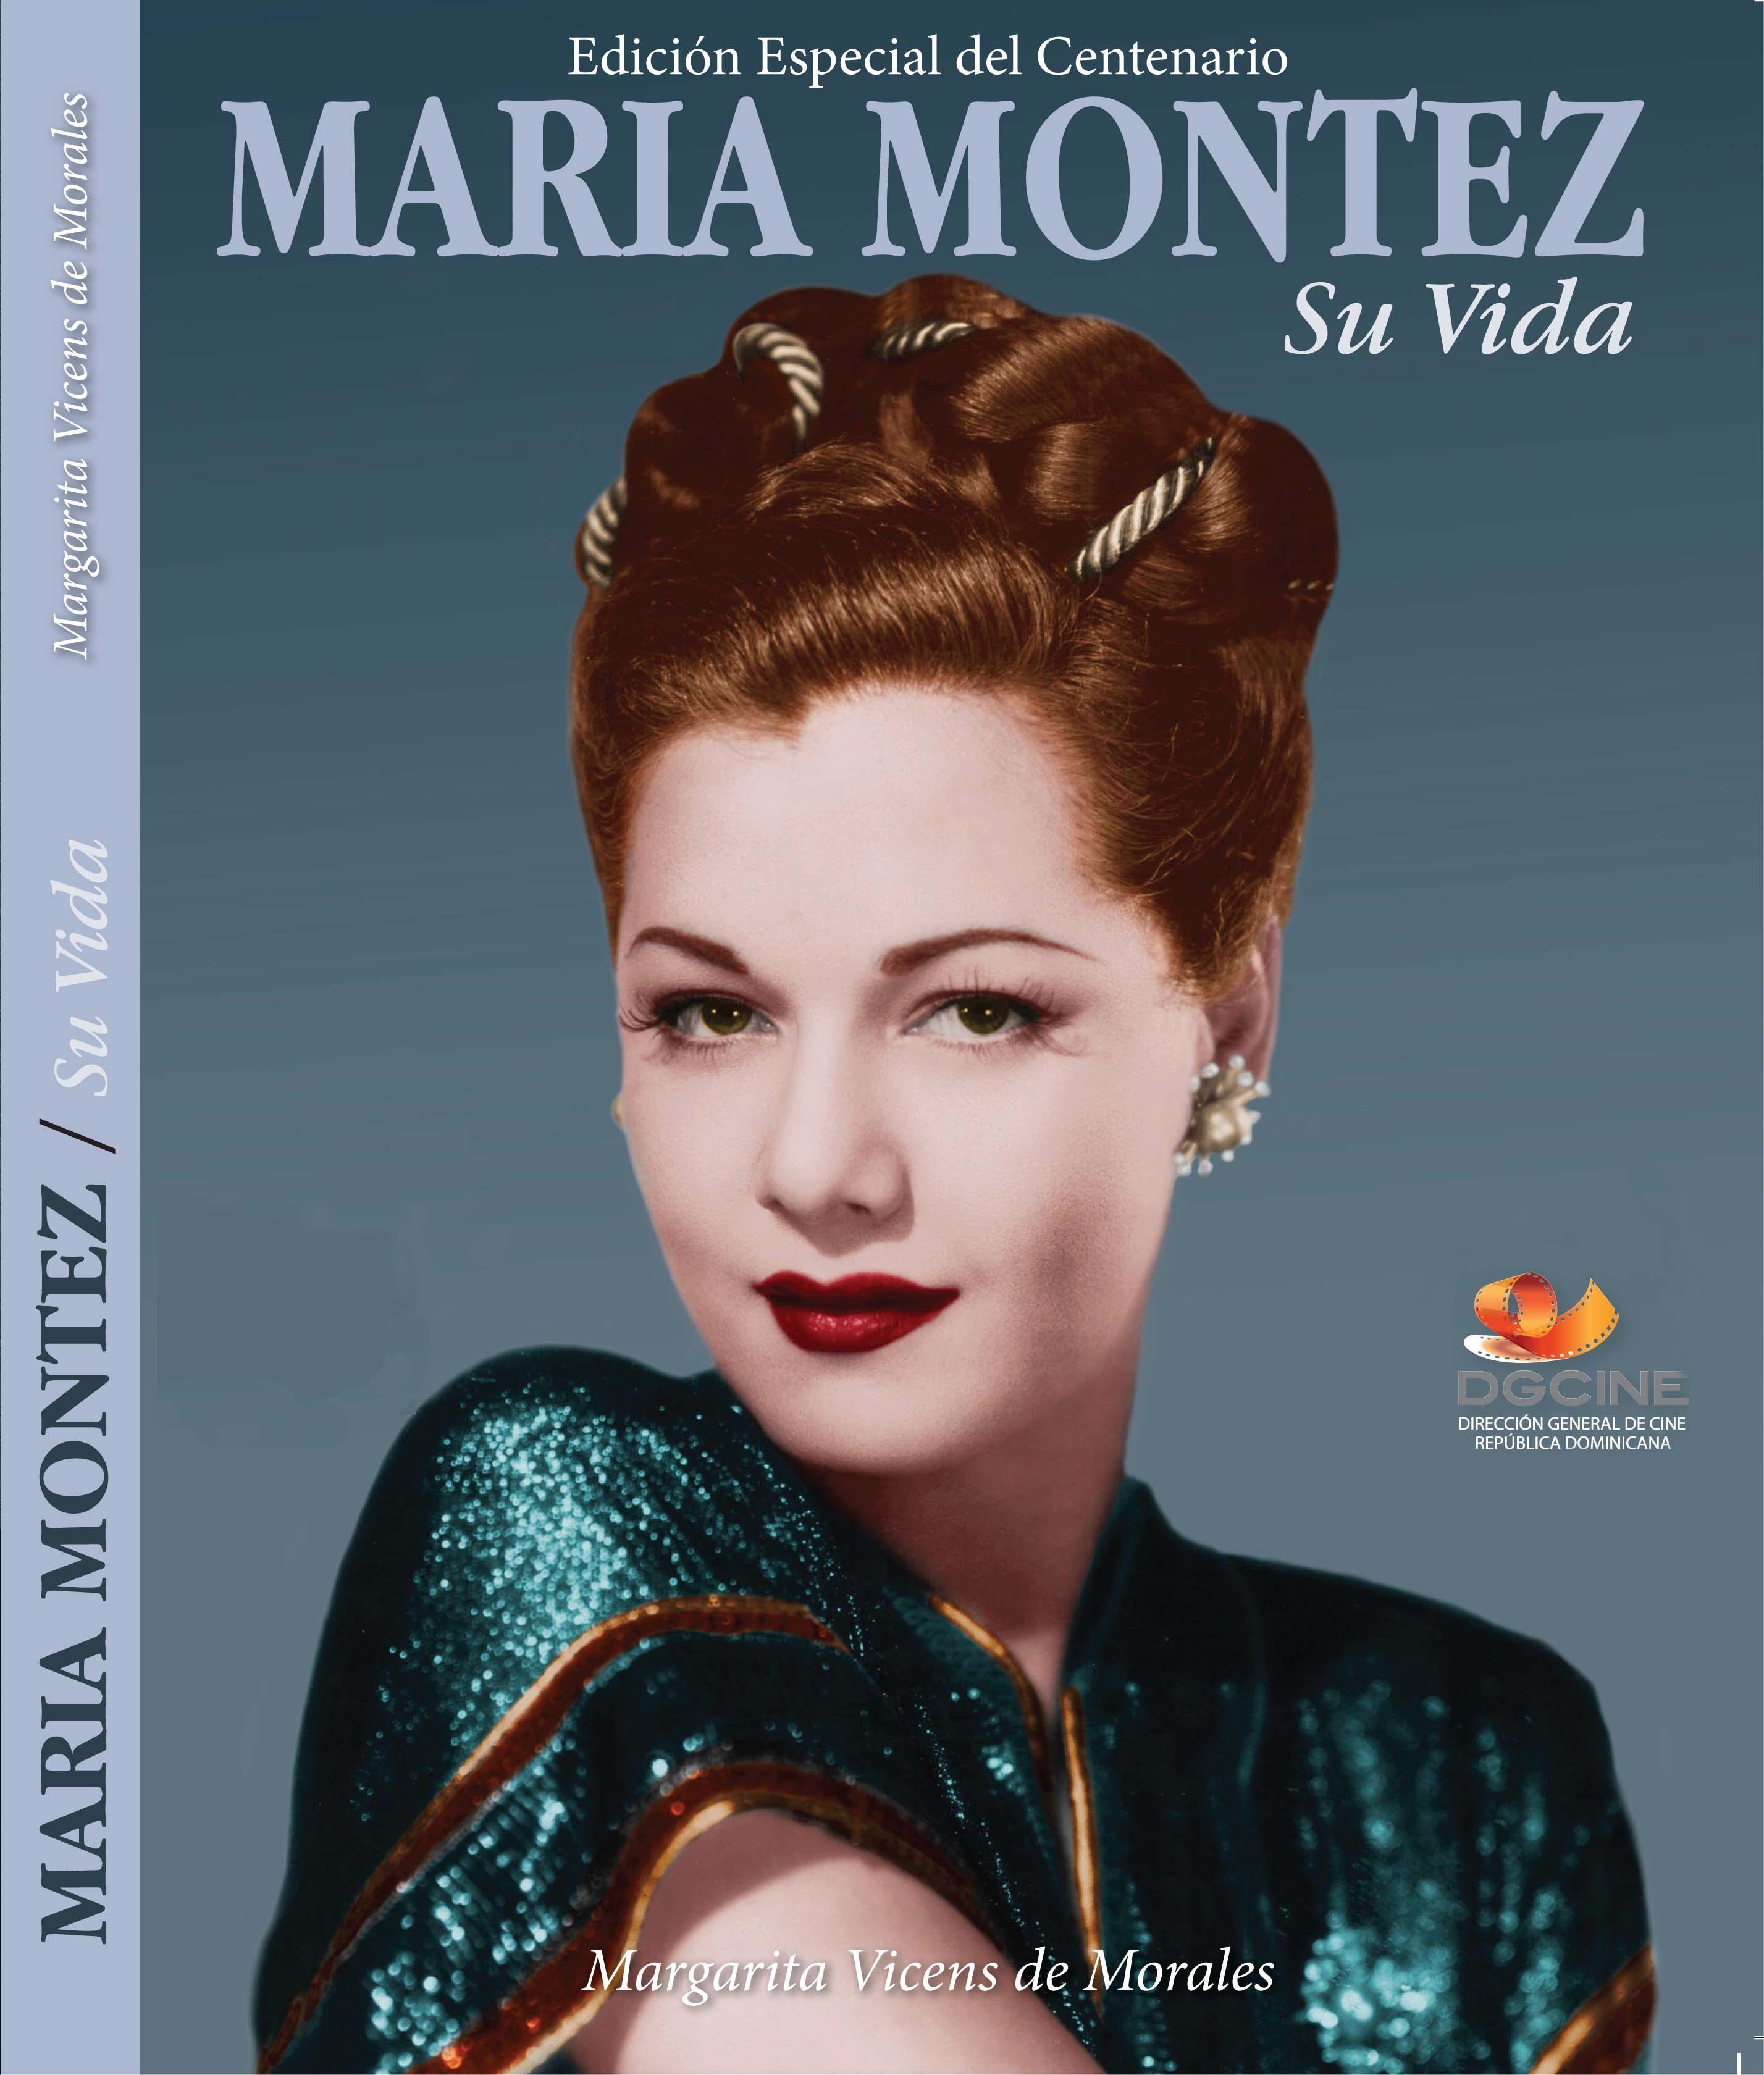 maria montez biografia en espanol